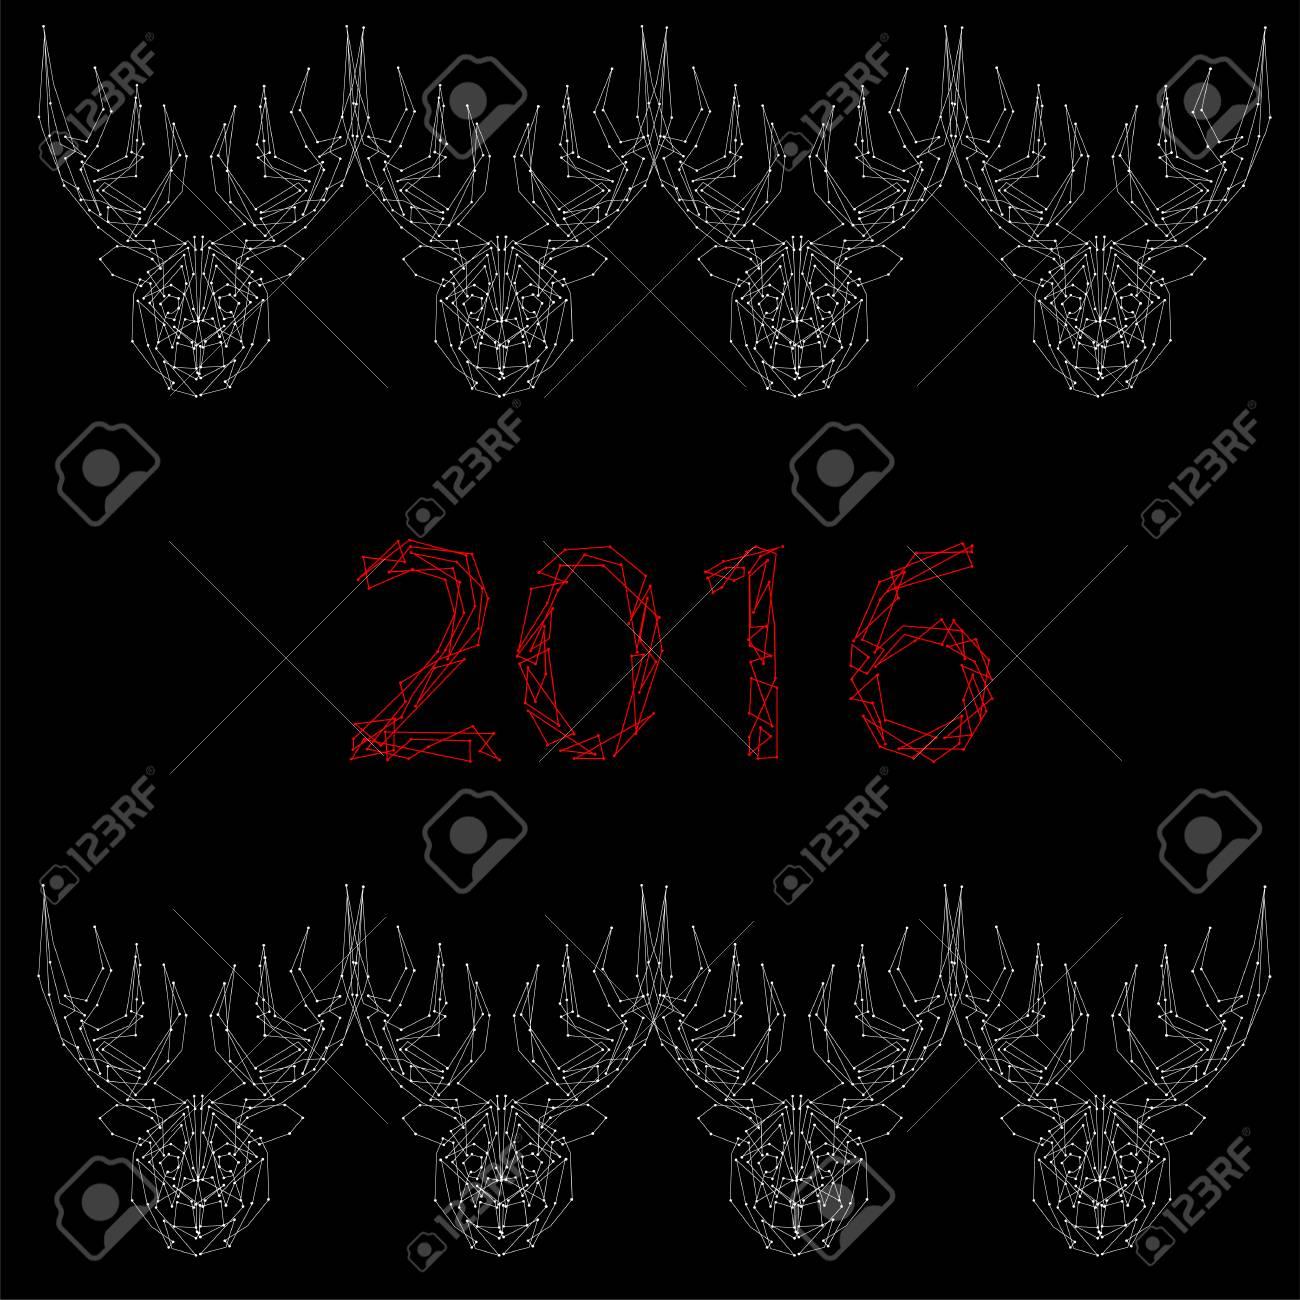 芸術創造的な冬休日壁紙ベクトル イラスト年賀アントラーズと黒い背景に 16年番号多くの白い鹿ののイラスト素材 ベクタ Image